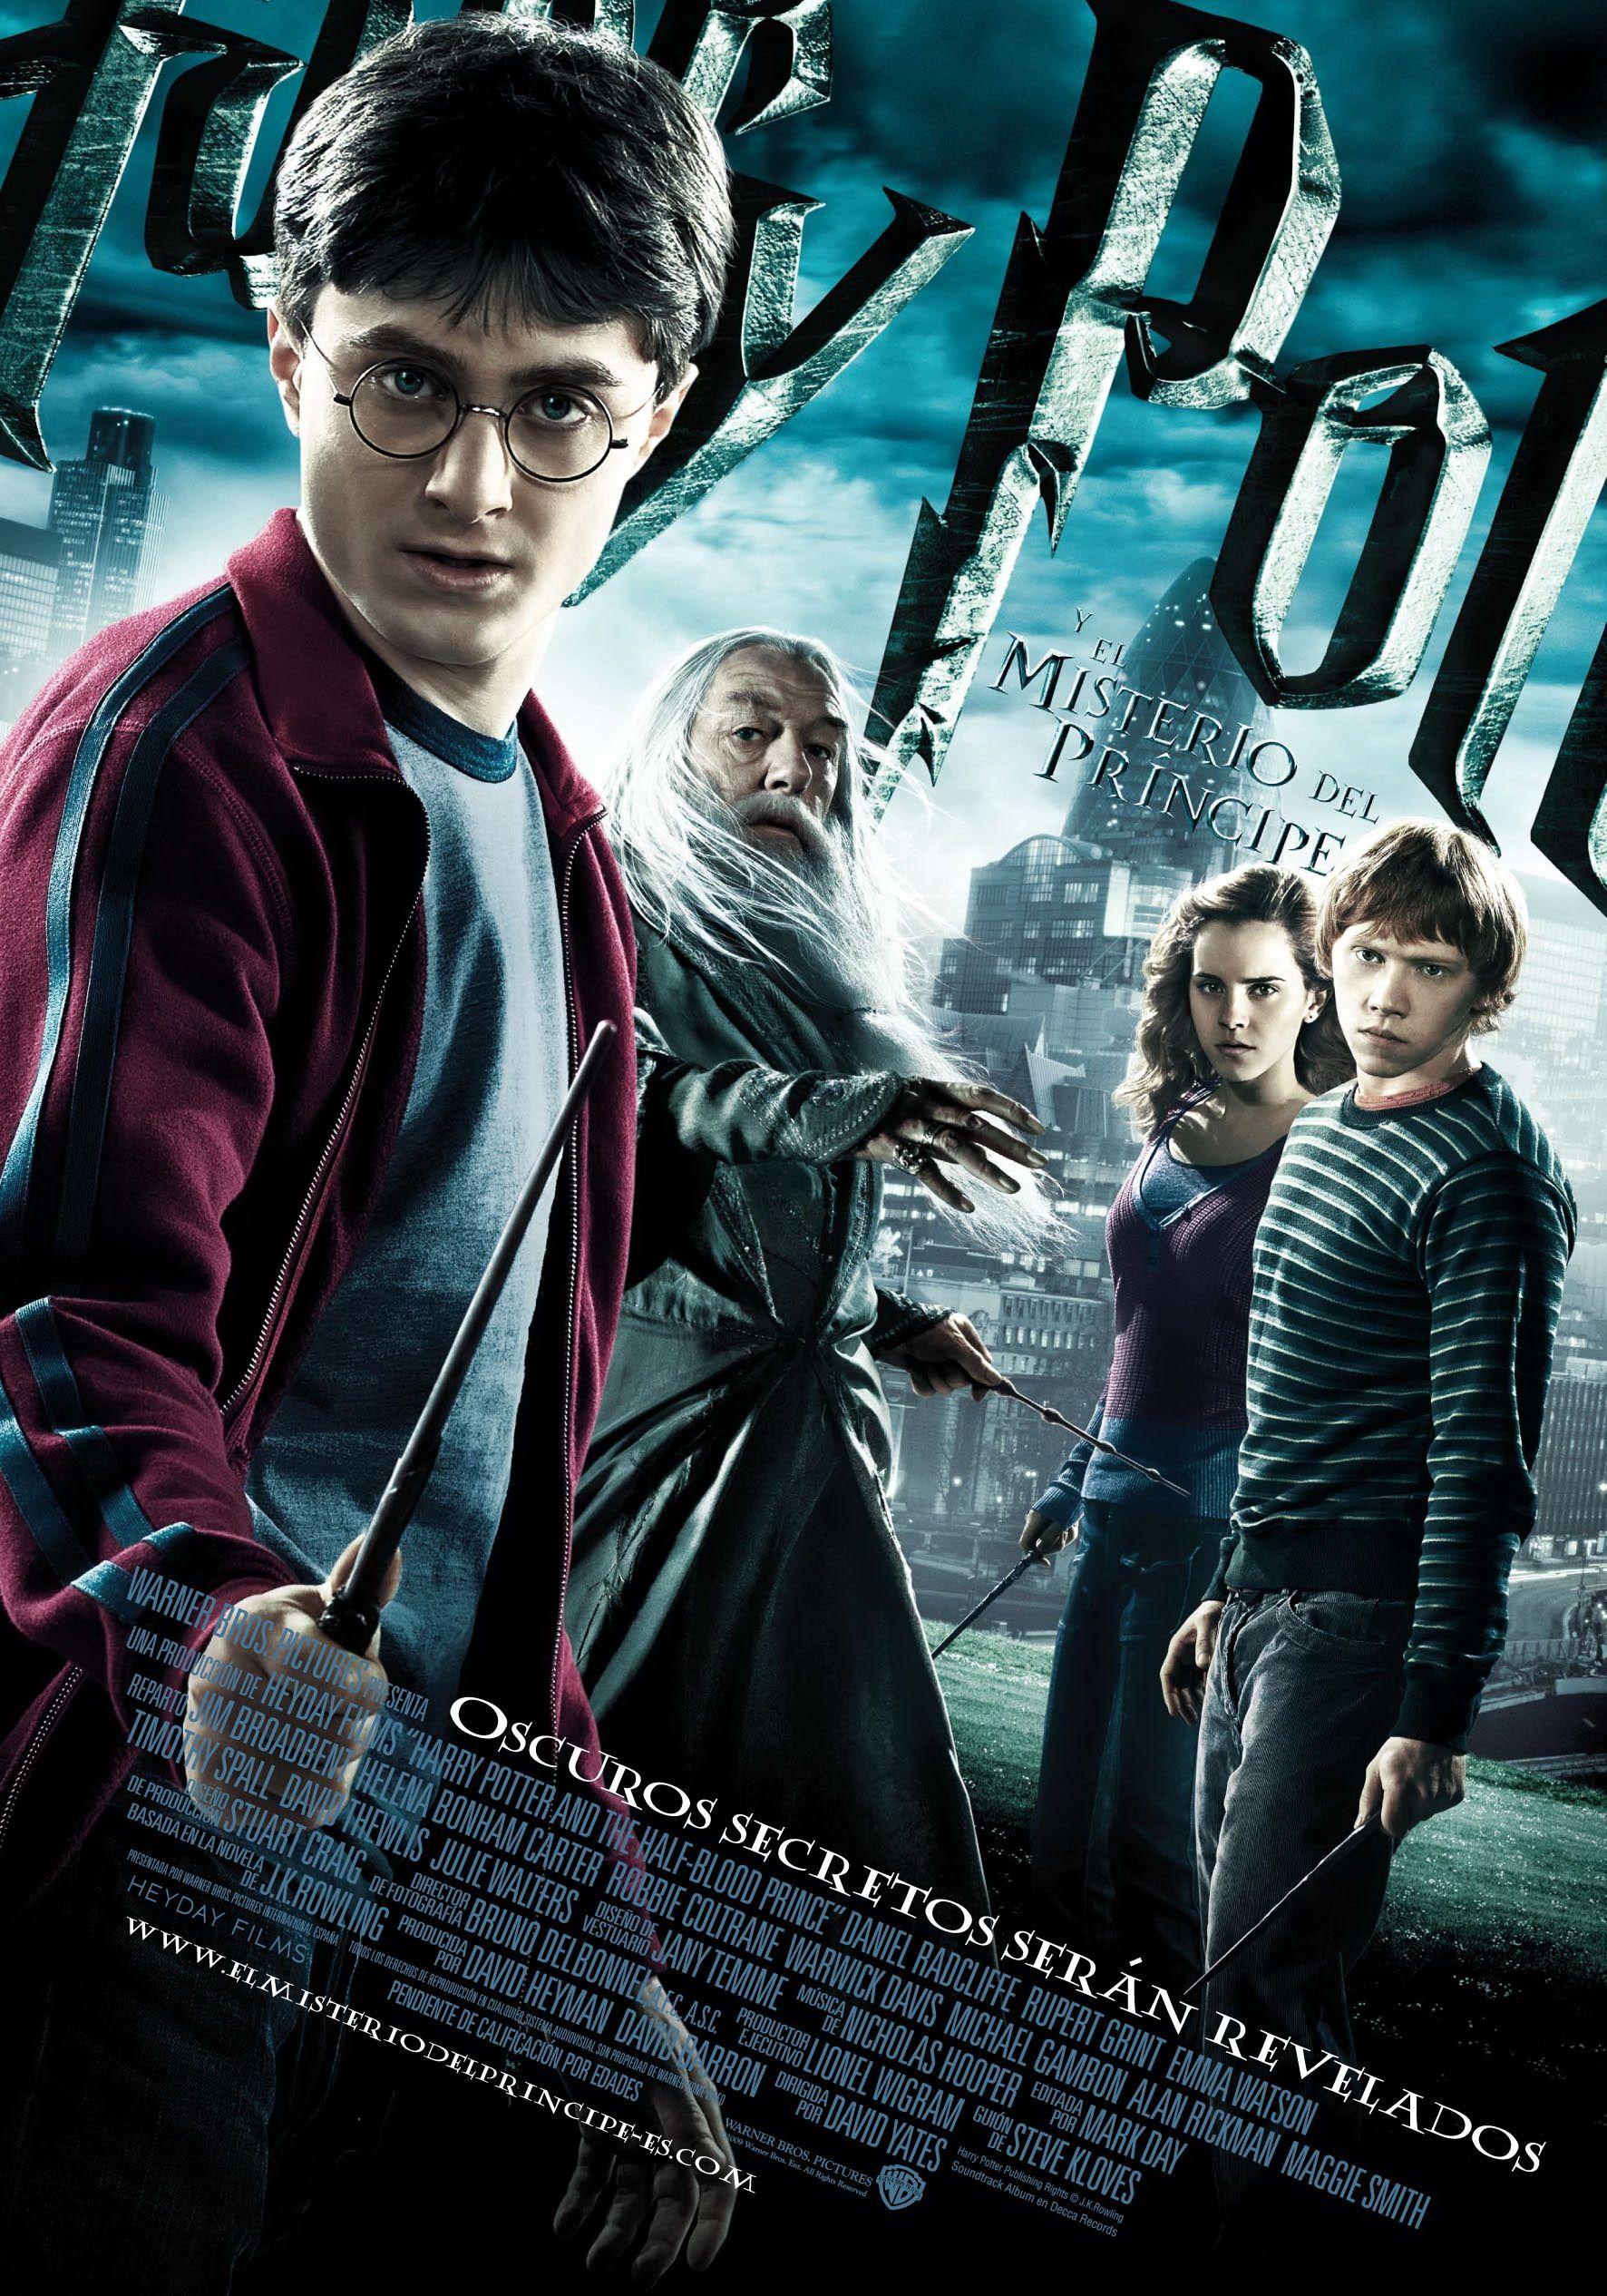 Harry Potter Y El Misterio Del Príncipe Películas De Harry Potter Afiche De Harry Potter Serie Harry Potter